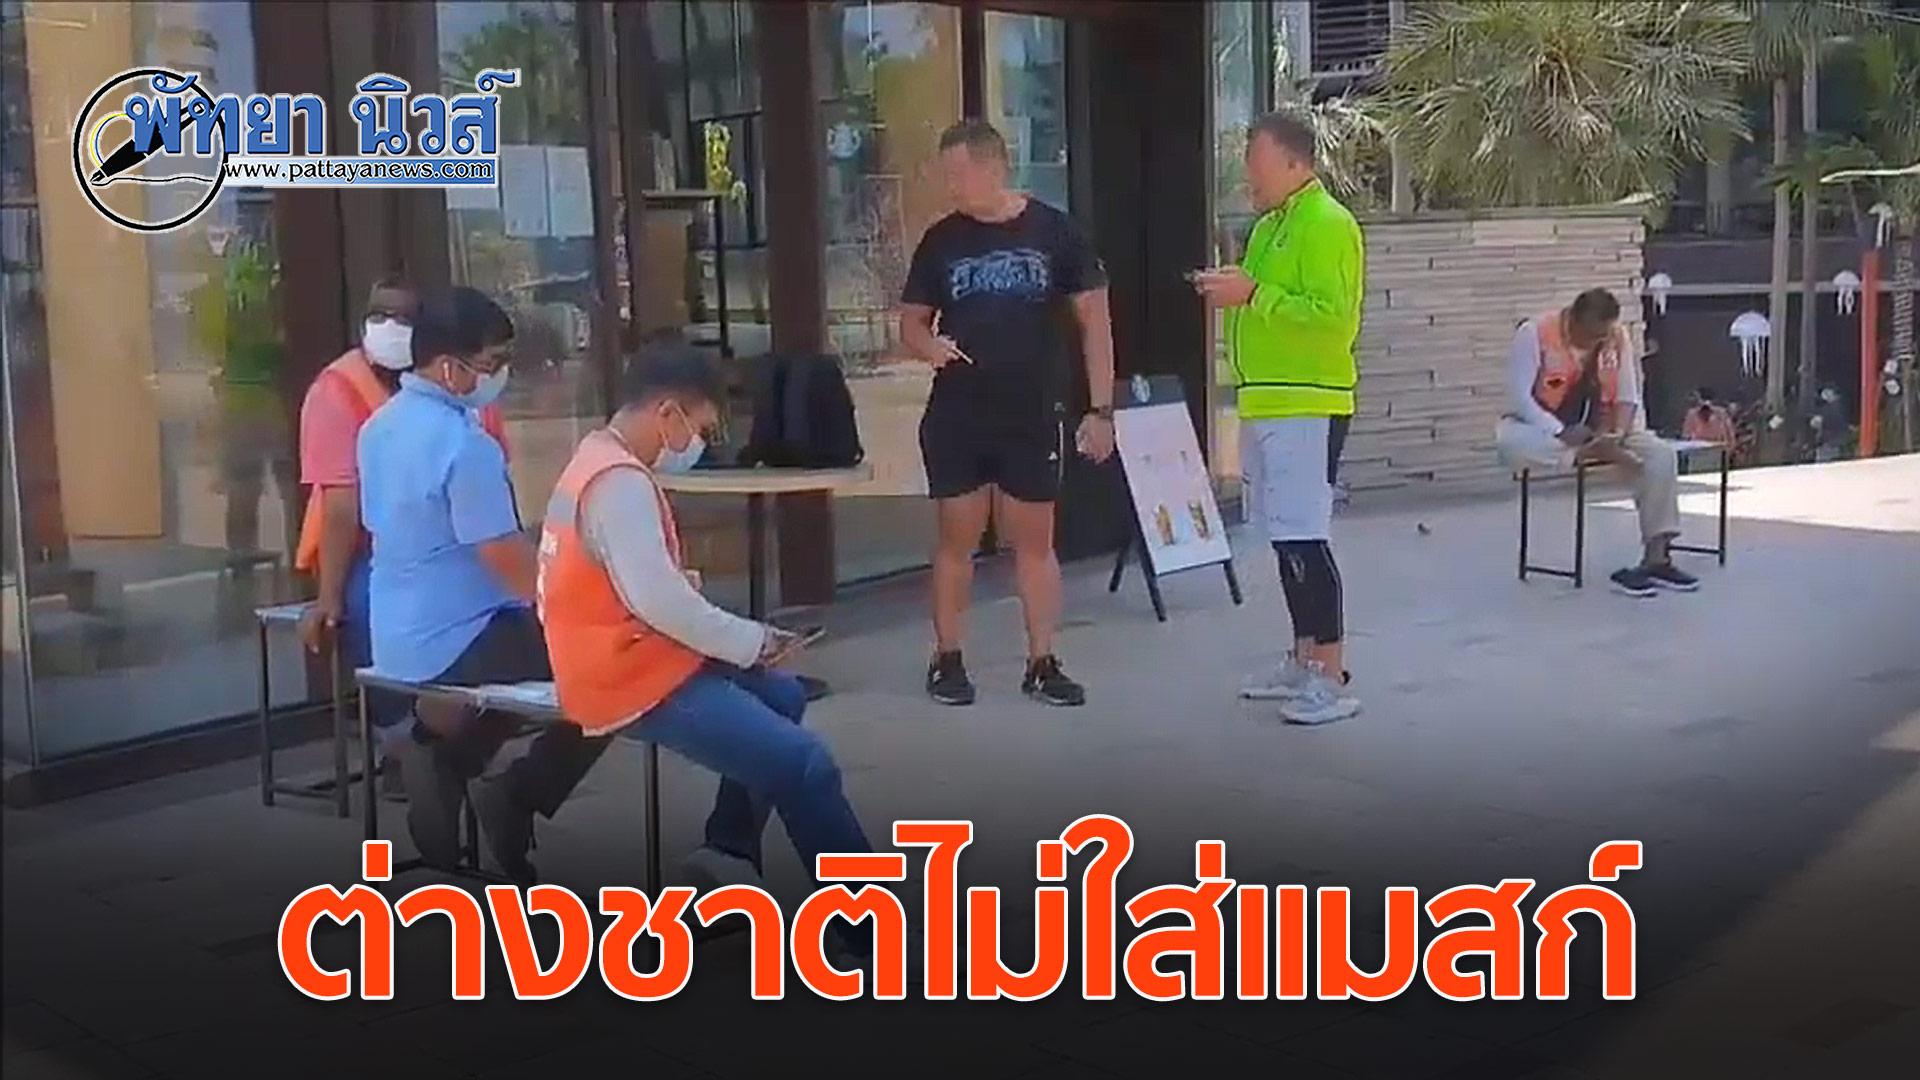 คนไทยผวา! ชาวต่างชาติหลายคนในพัทยายังไม่สวมใส่หน้ากากอนามัยเดินทั่ว